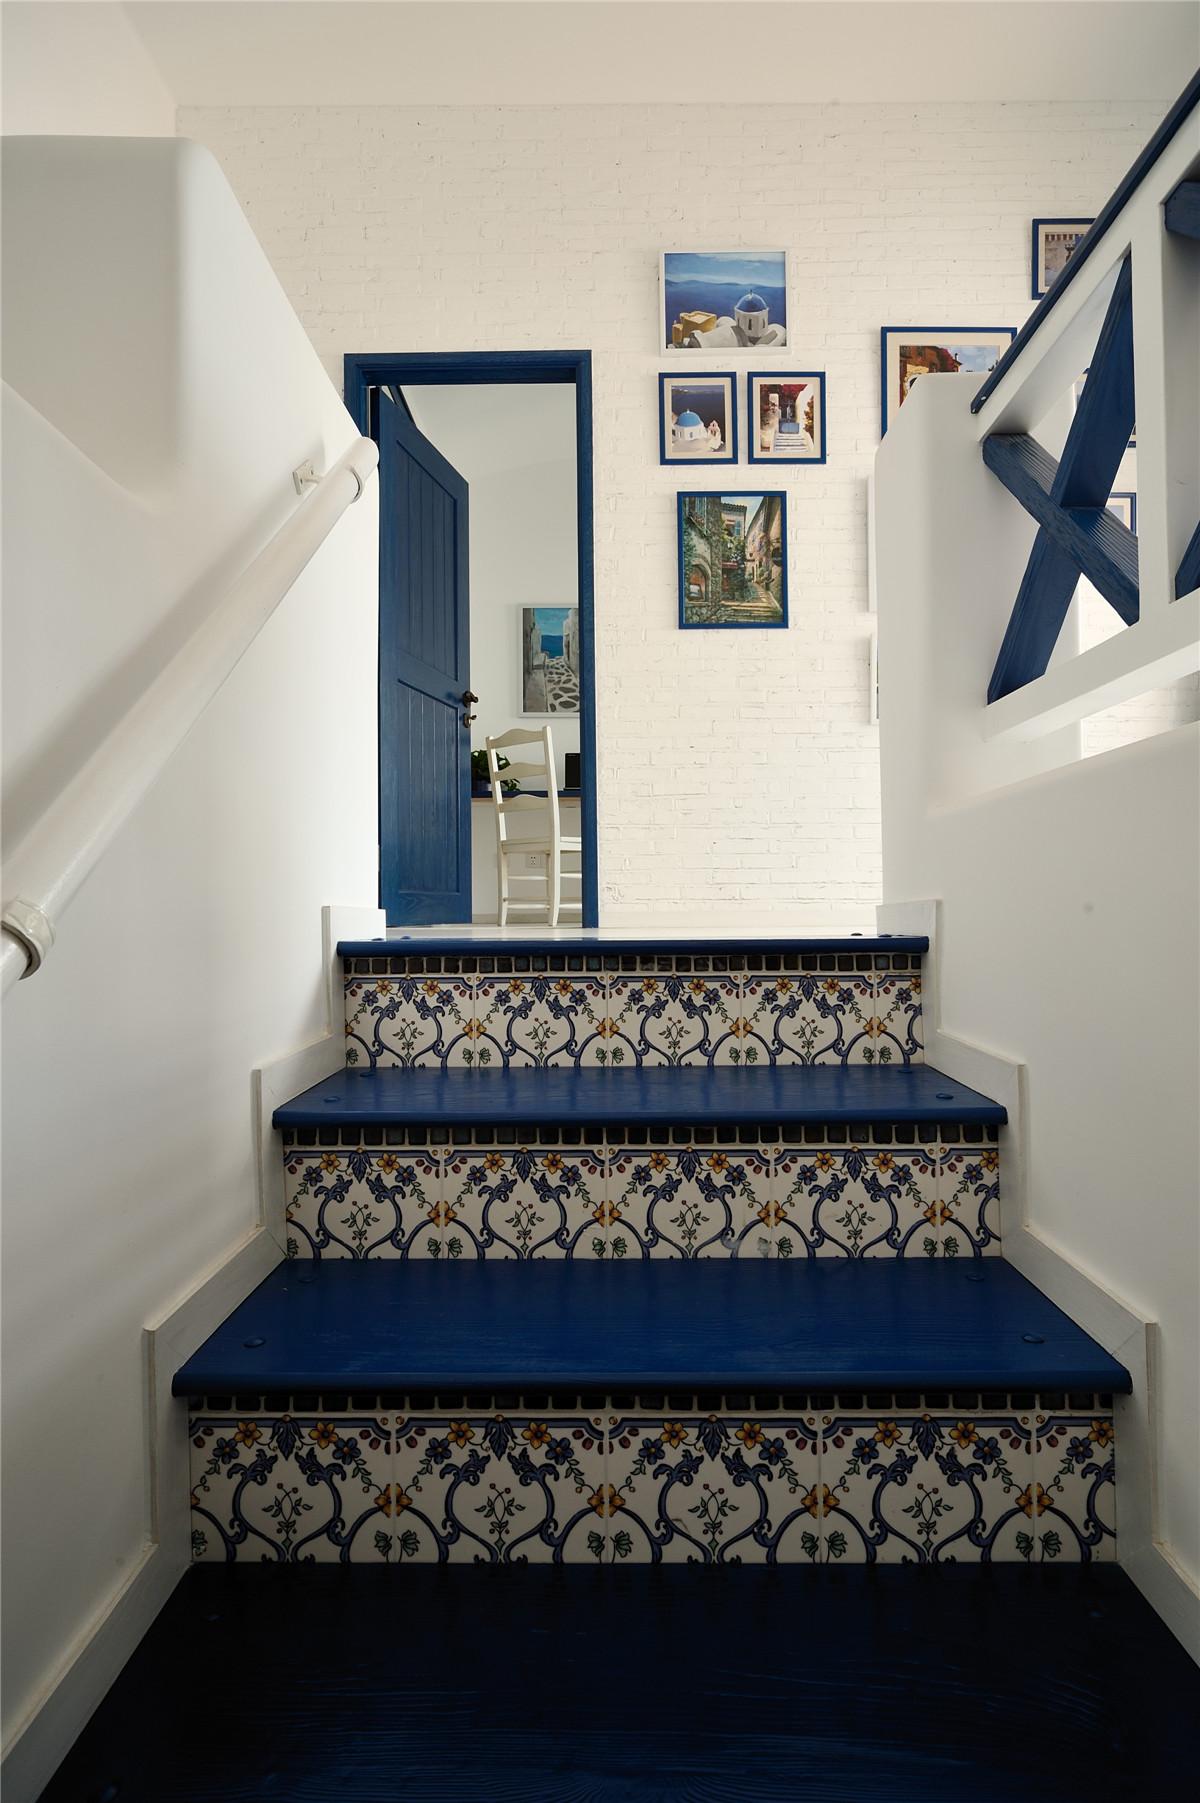 二居 地中海 白领 收纳 旧房改造 田园 小清新 楼梯图片来自装修小管家在恋上地中海岸的夏日转角的分享